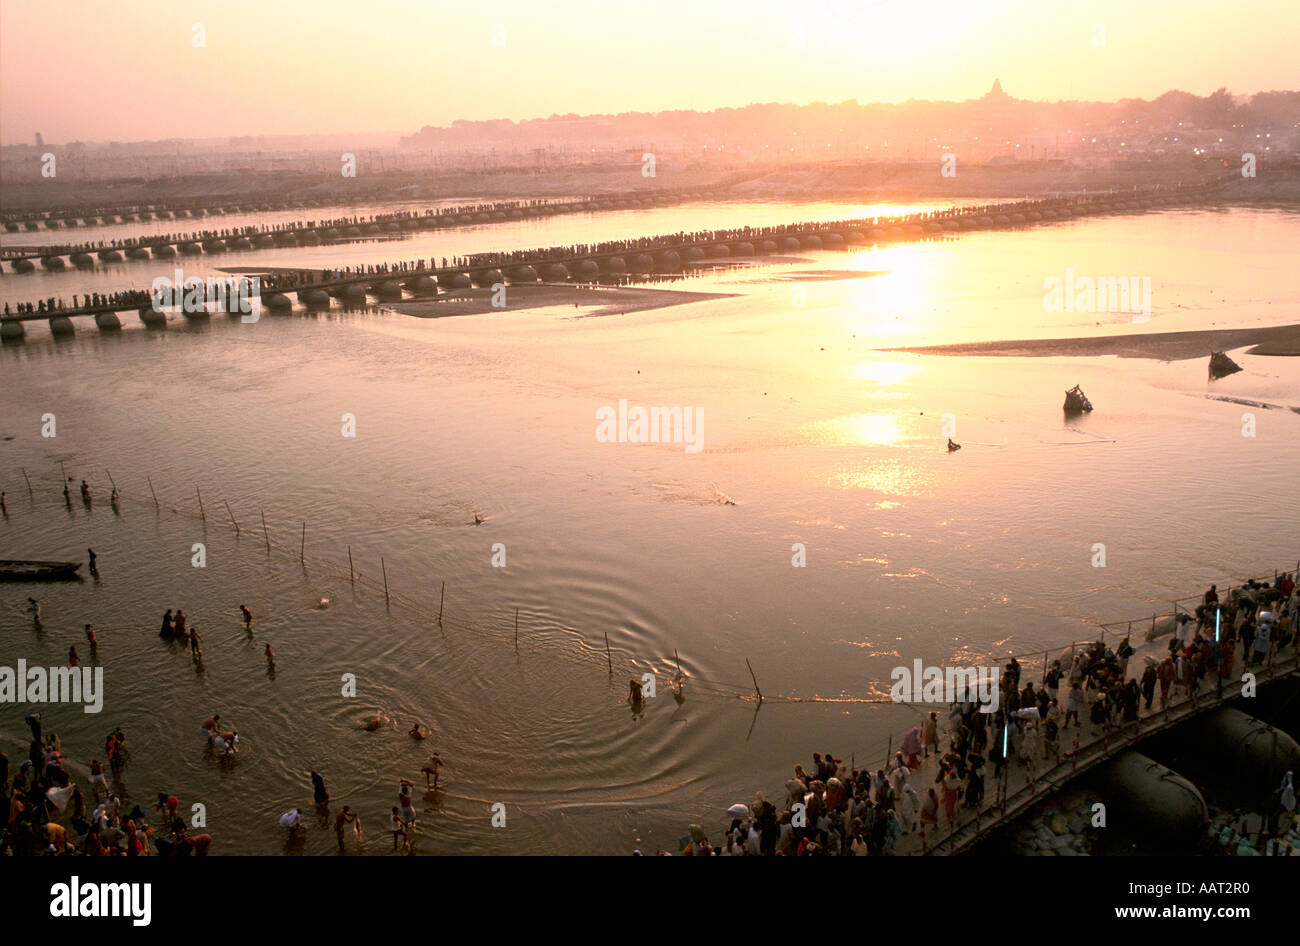 L'INDE Kumbh Mela 2001 ALORS QUE LE SOLEIL SE COUCHE SUR ALLAHABAD beaucoup de pèlerins se baignent ET PRIER DANS LES EAUX DU GANGE 2001 Photo Stock